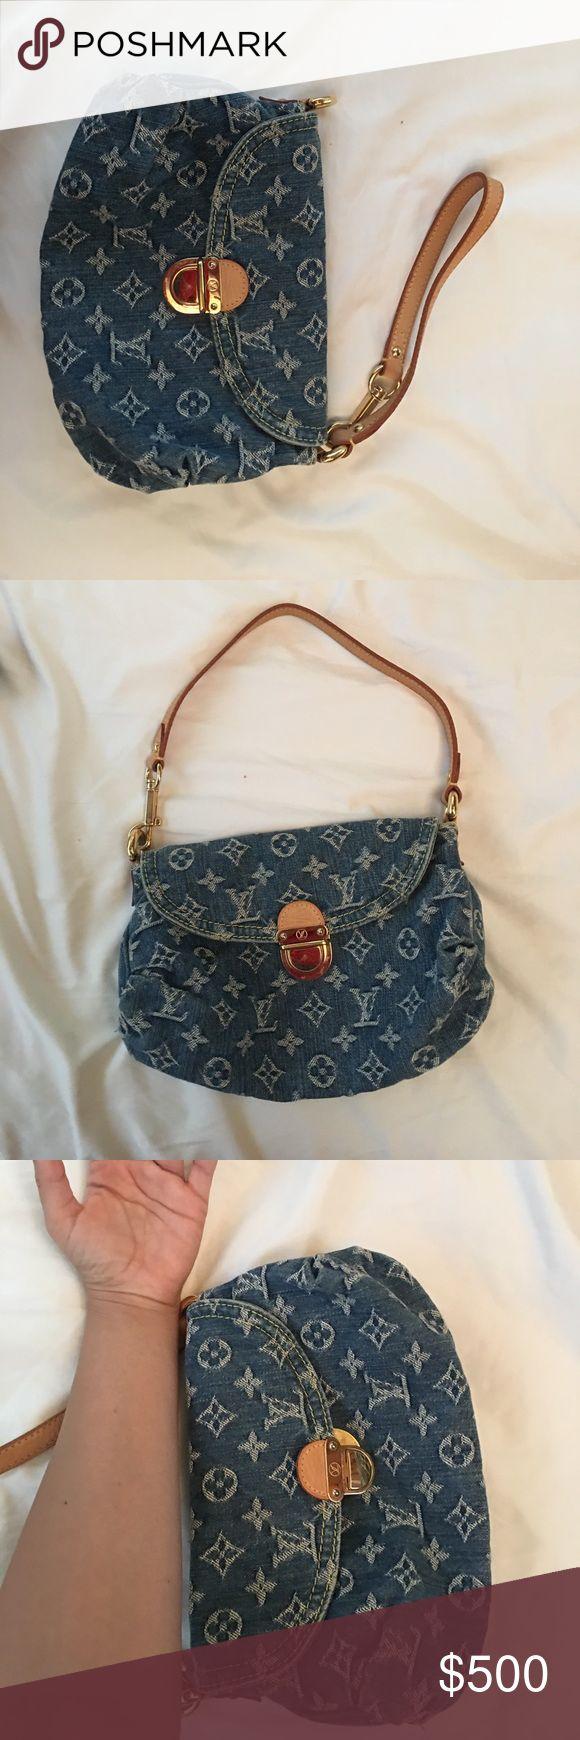 Authentic jean Louis Vuitton purse Small jean Louis Vuitton purse can also be worn as a wristlet. Tan inside Louis Vuitton Bags Shoulder Bags